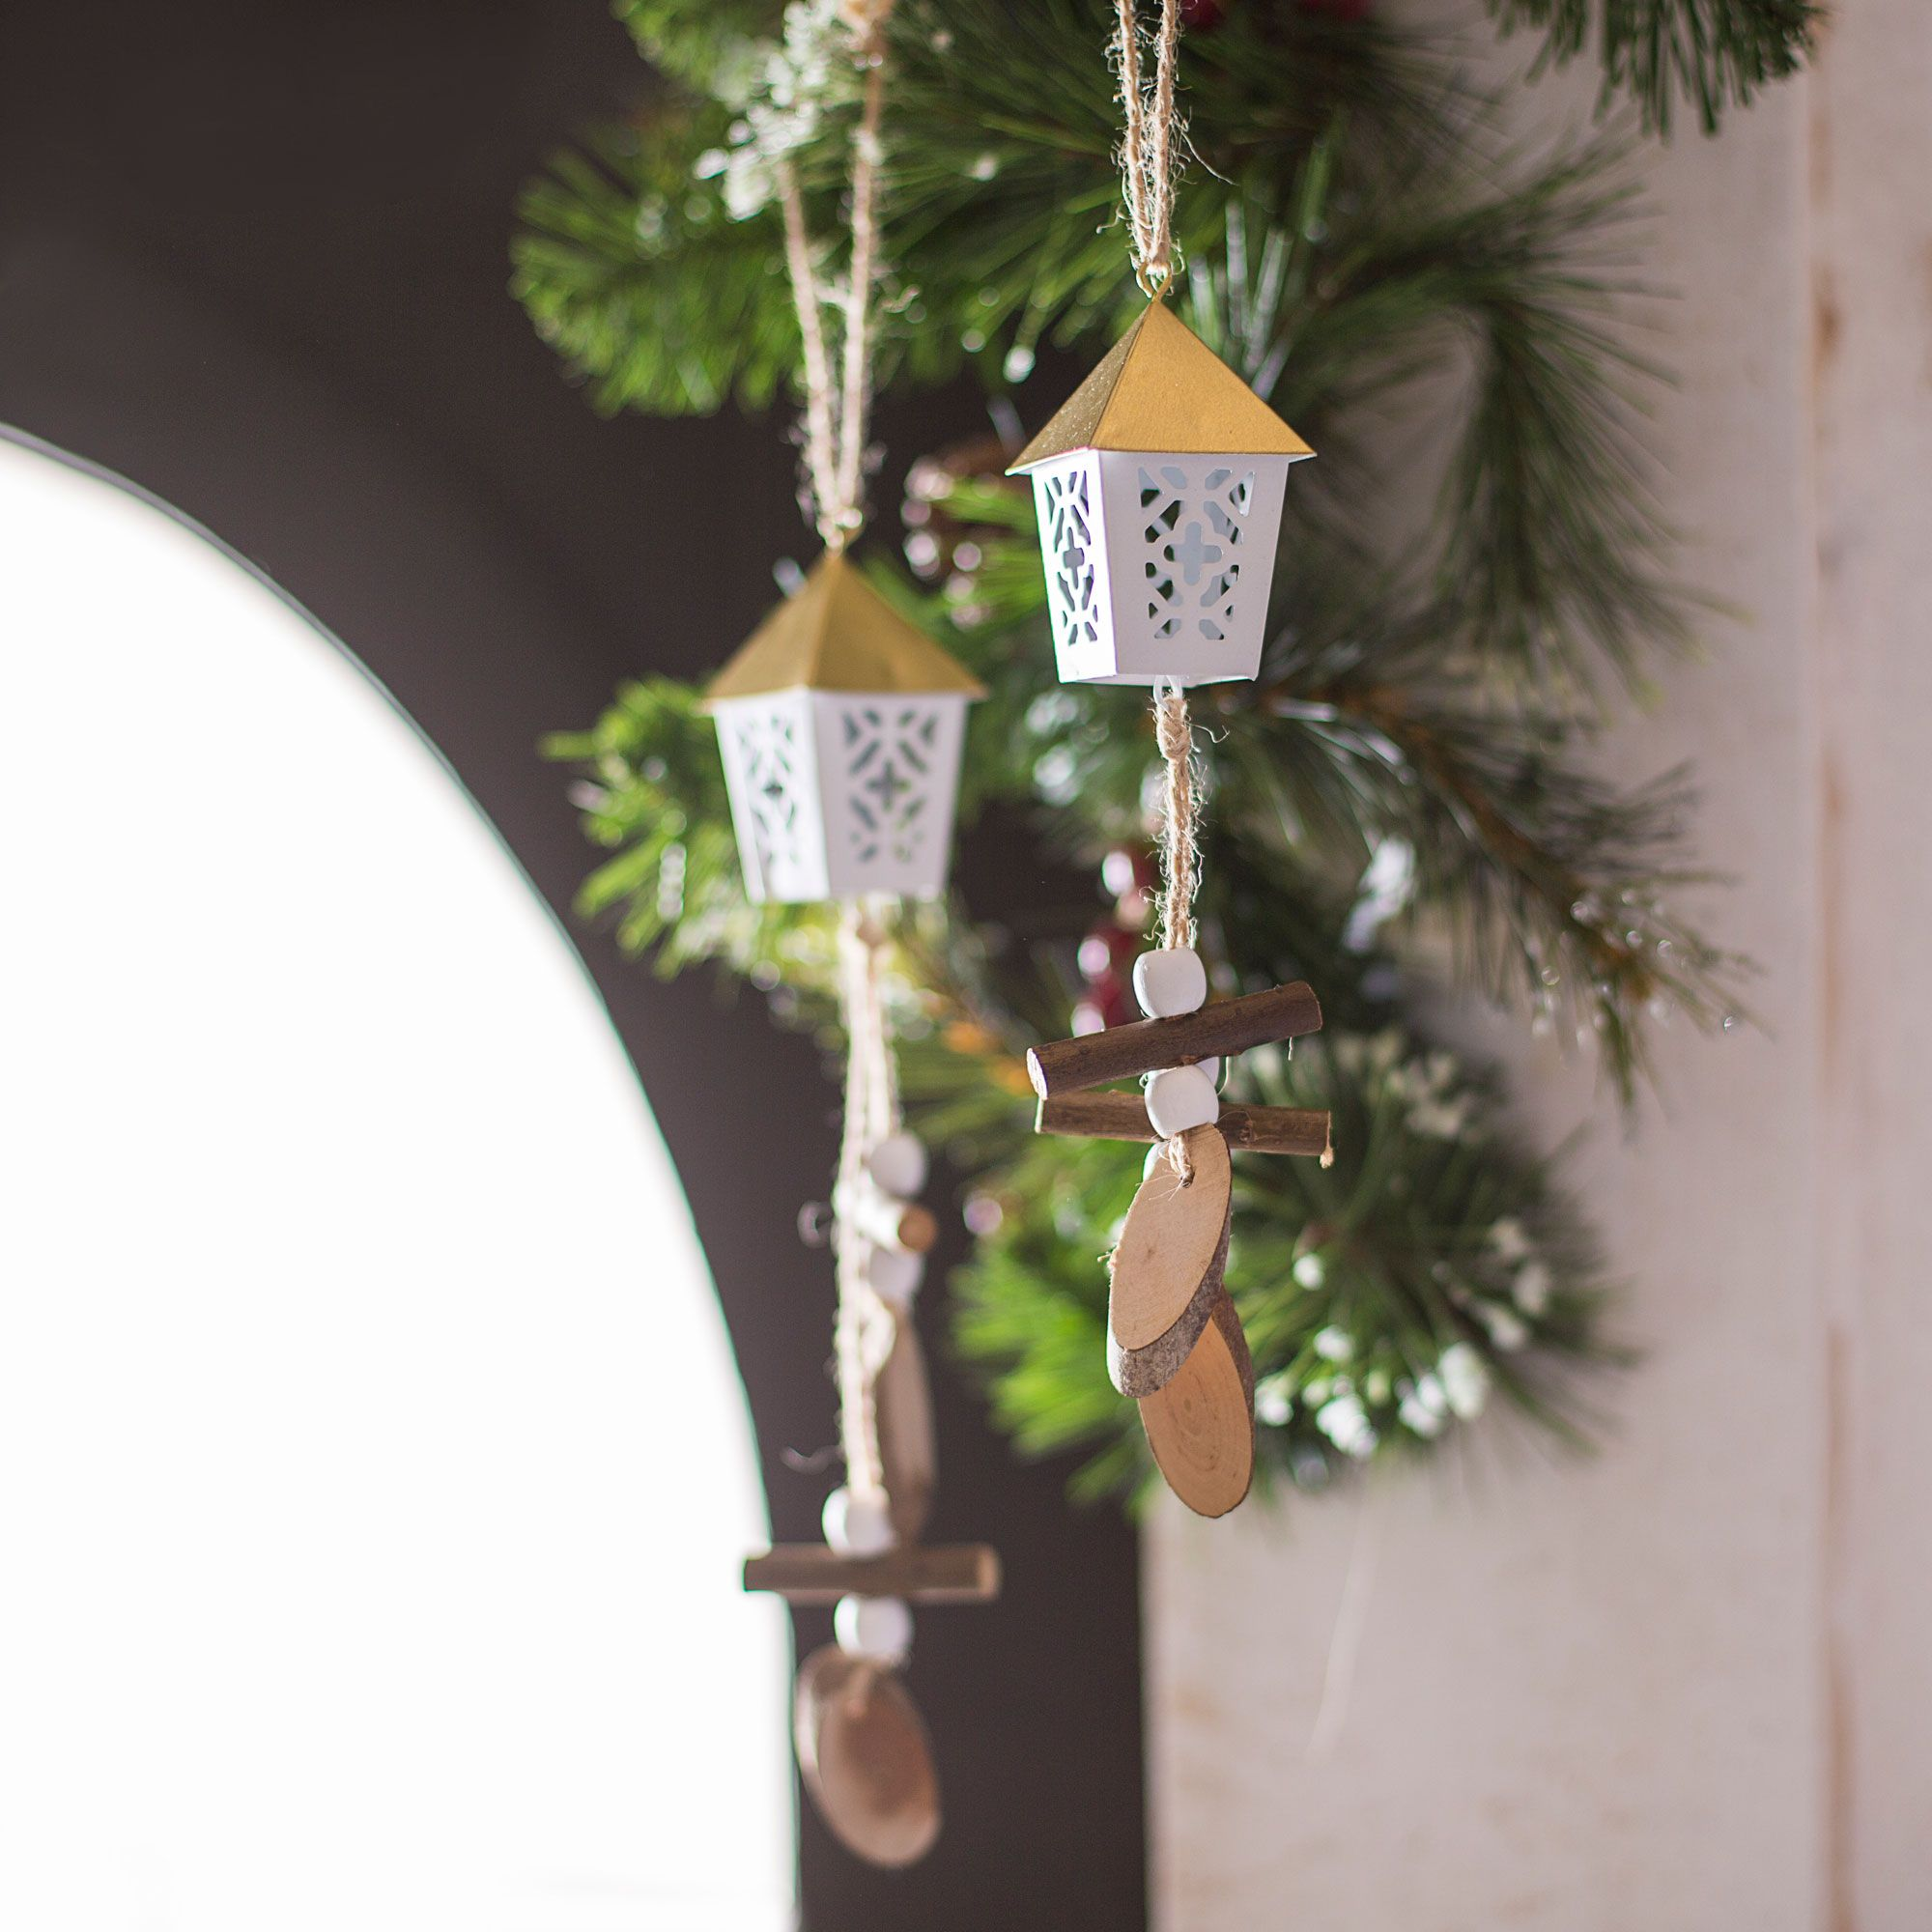 Décoration de Noël dans un style naturel